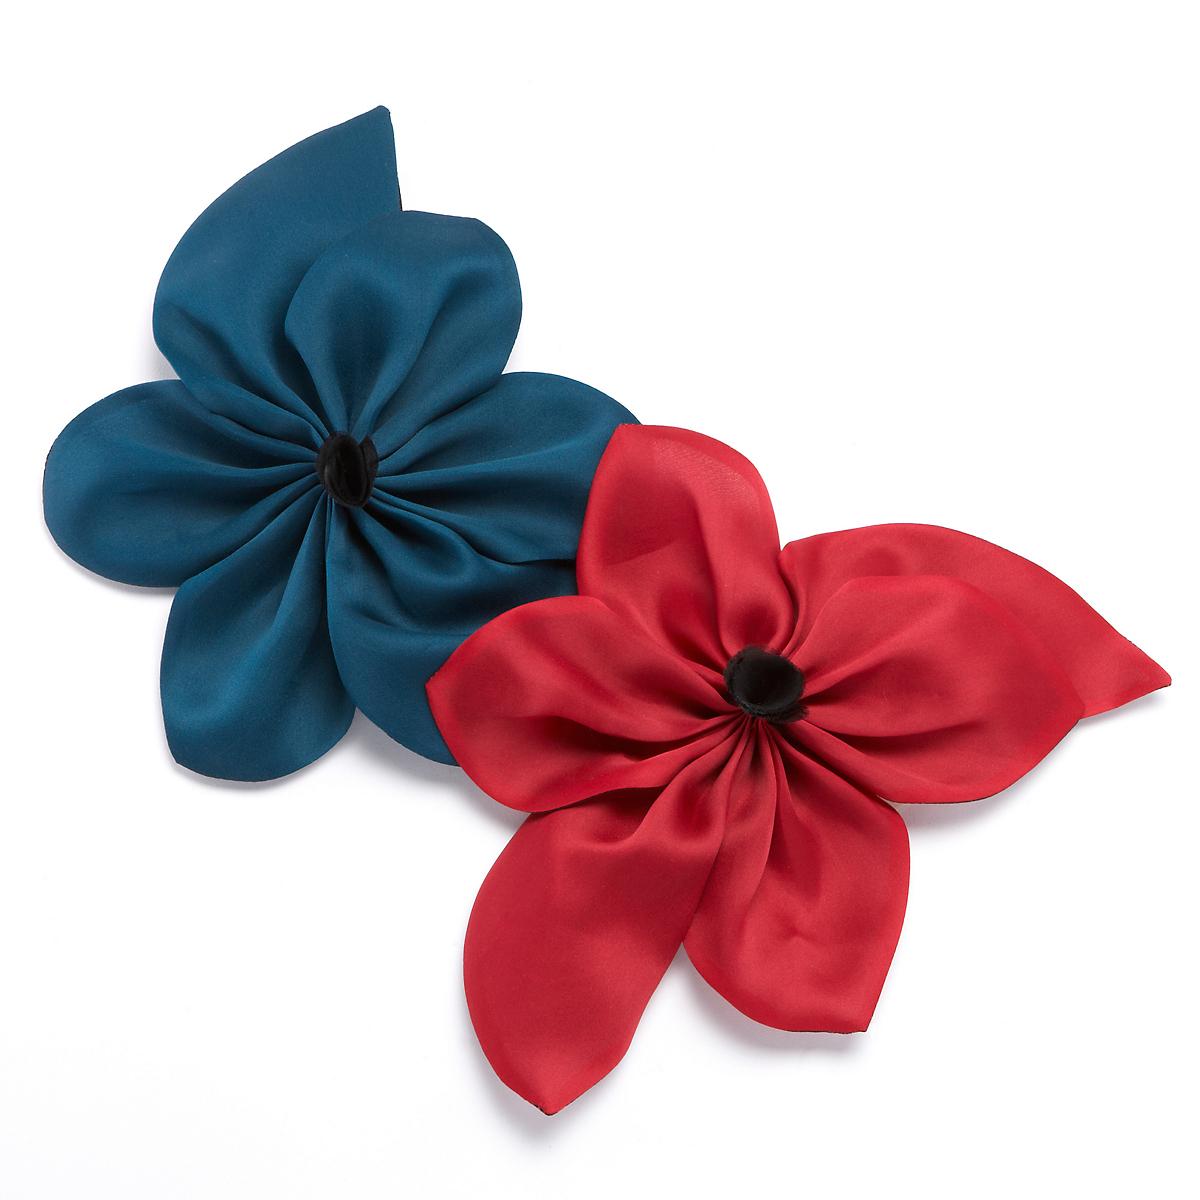 Etoile Silk Flower Pin Gumps